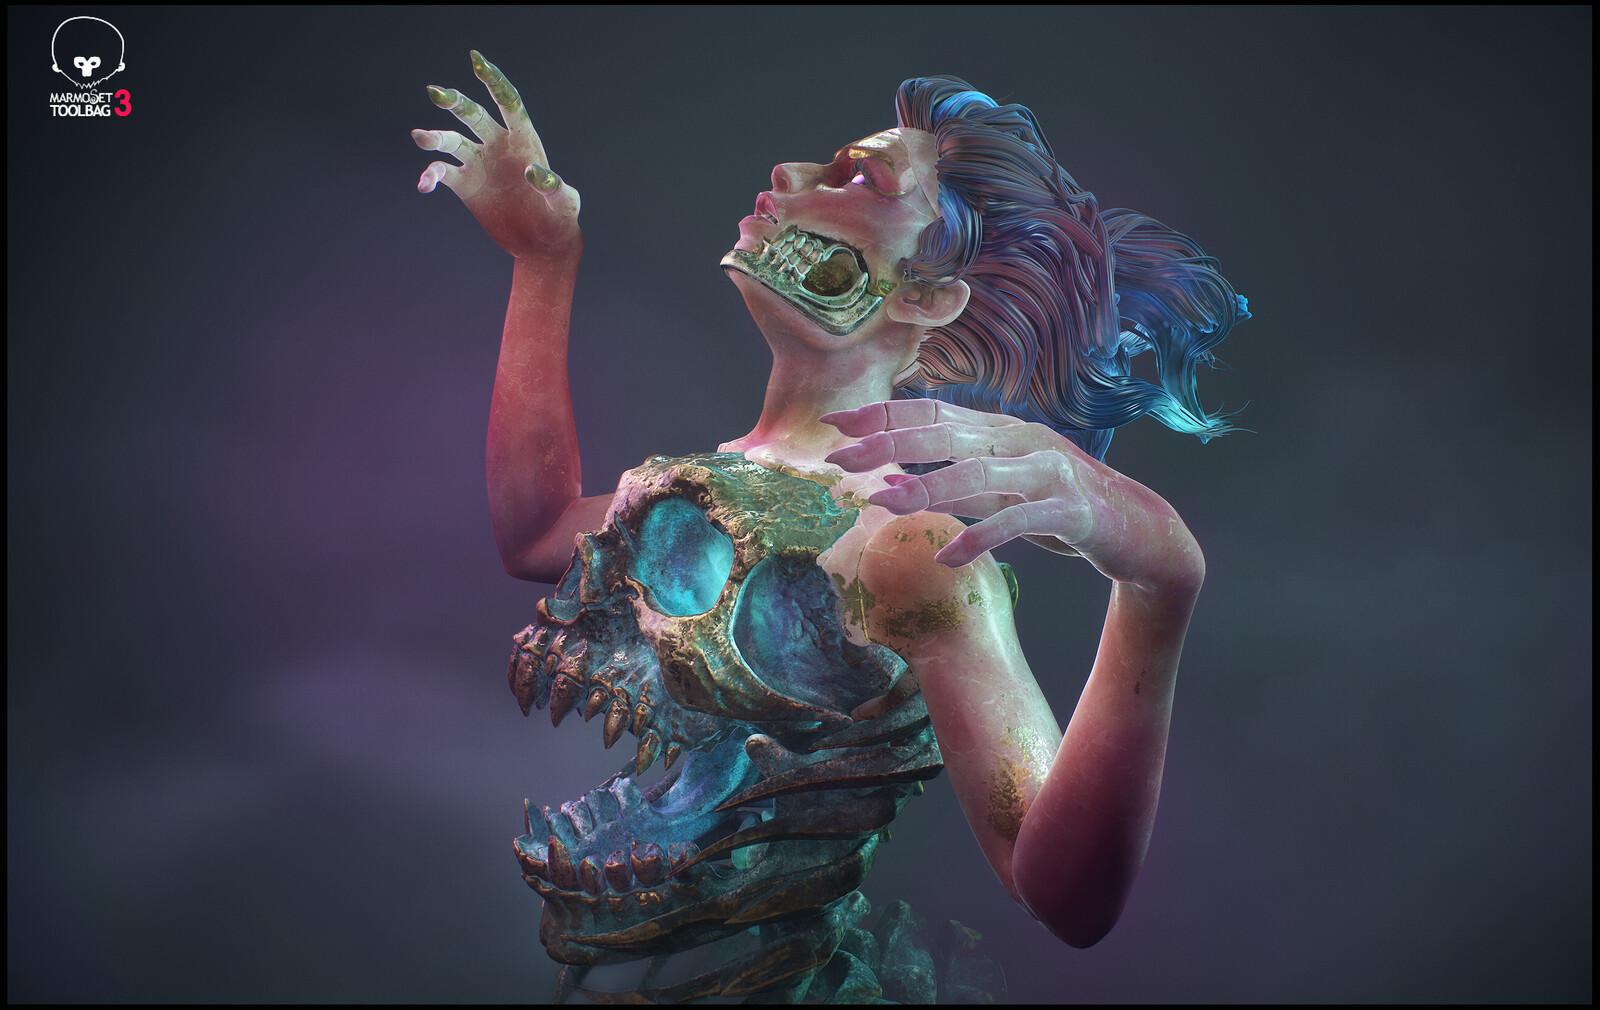 Phoenix - Realtime render